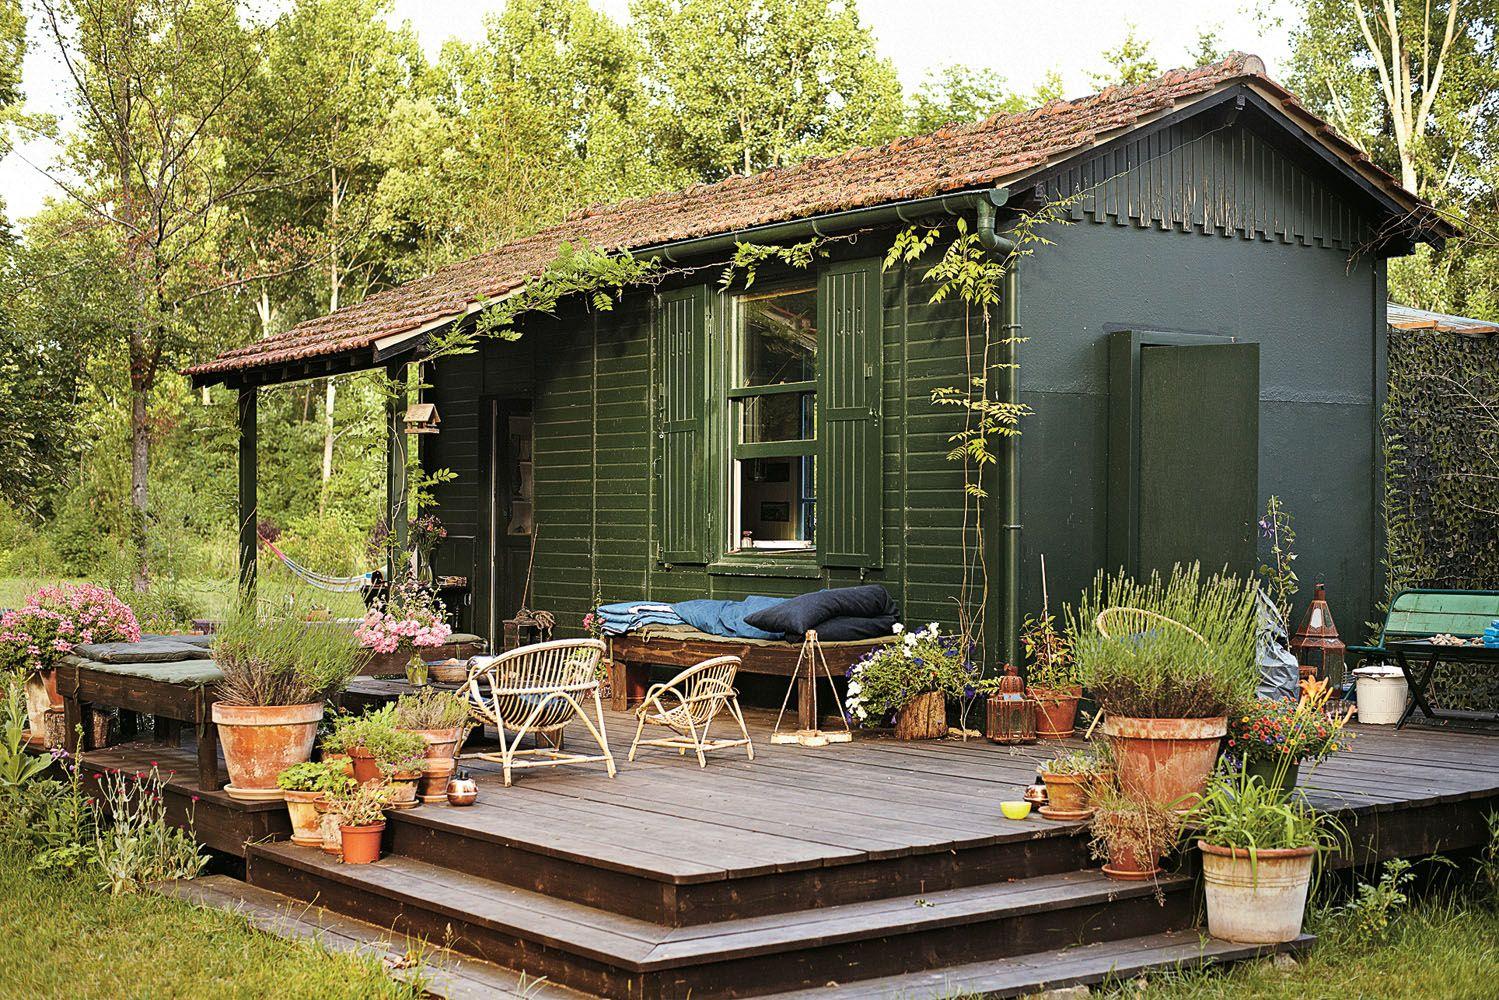 Cabanne | Cabanes Rustiques, Maison Enfant Exterieur Et ... intérieur Cabanne De Jardin